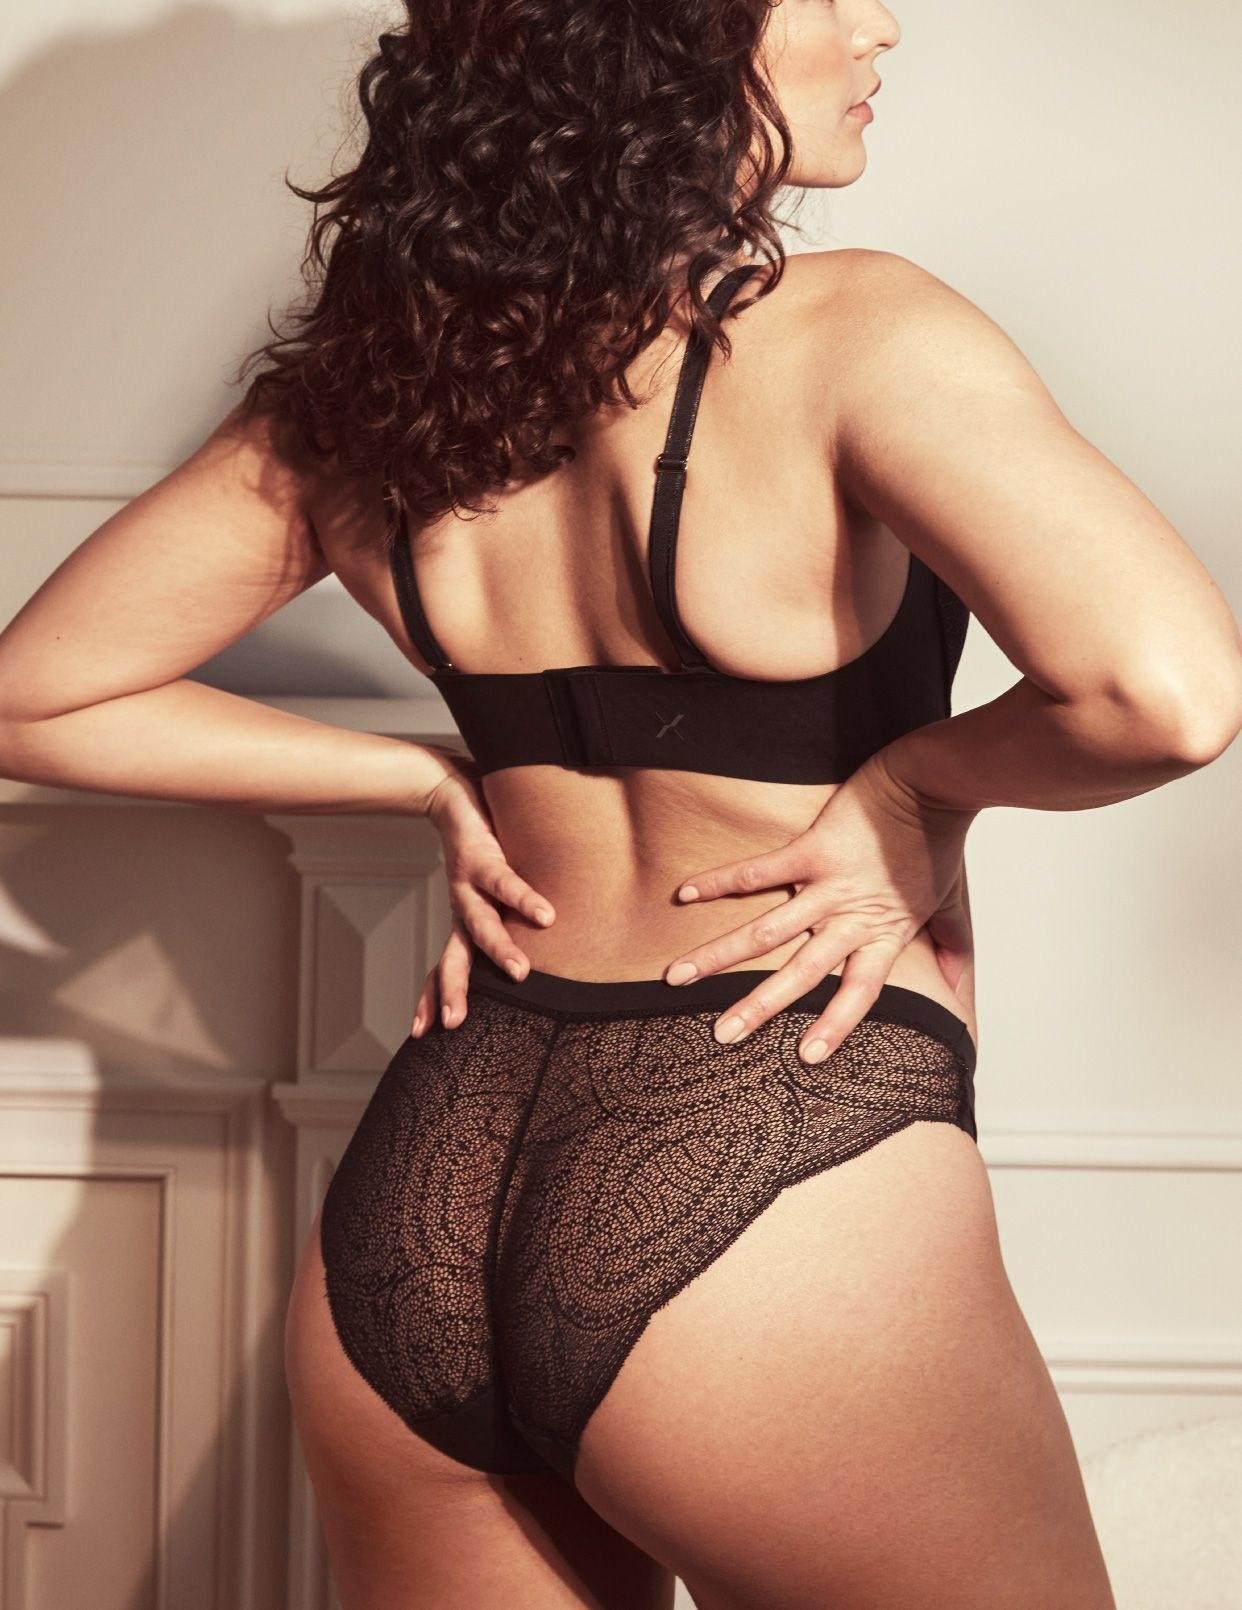 the lace leak-proof panties in black